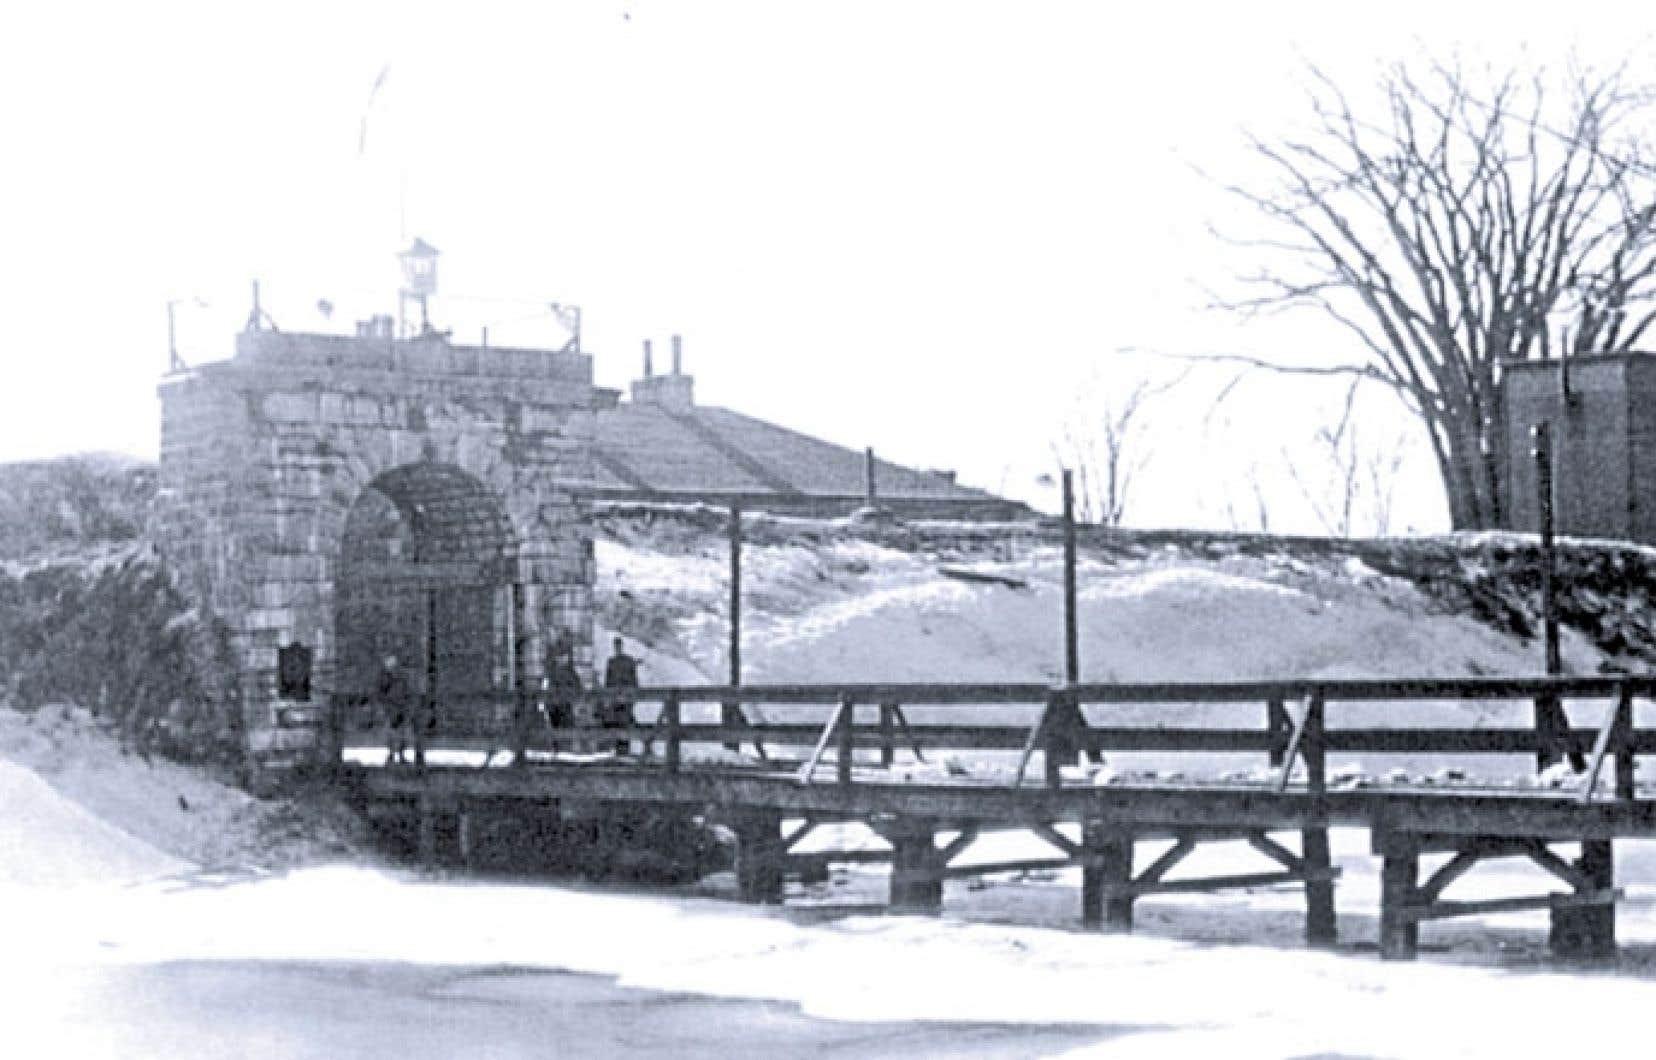 Entrée du fort de l'Île-aux-Noix situé au milieu de la rivière Richelieu, aujourd'hui dans la municipalité de Saint-Paul-de-l'Île-aux-Noix.